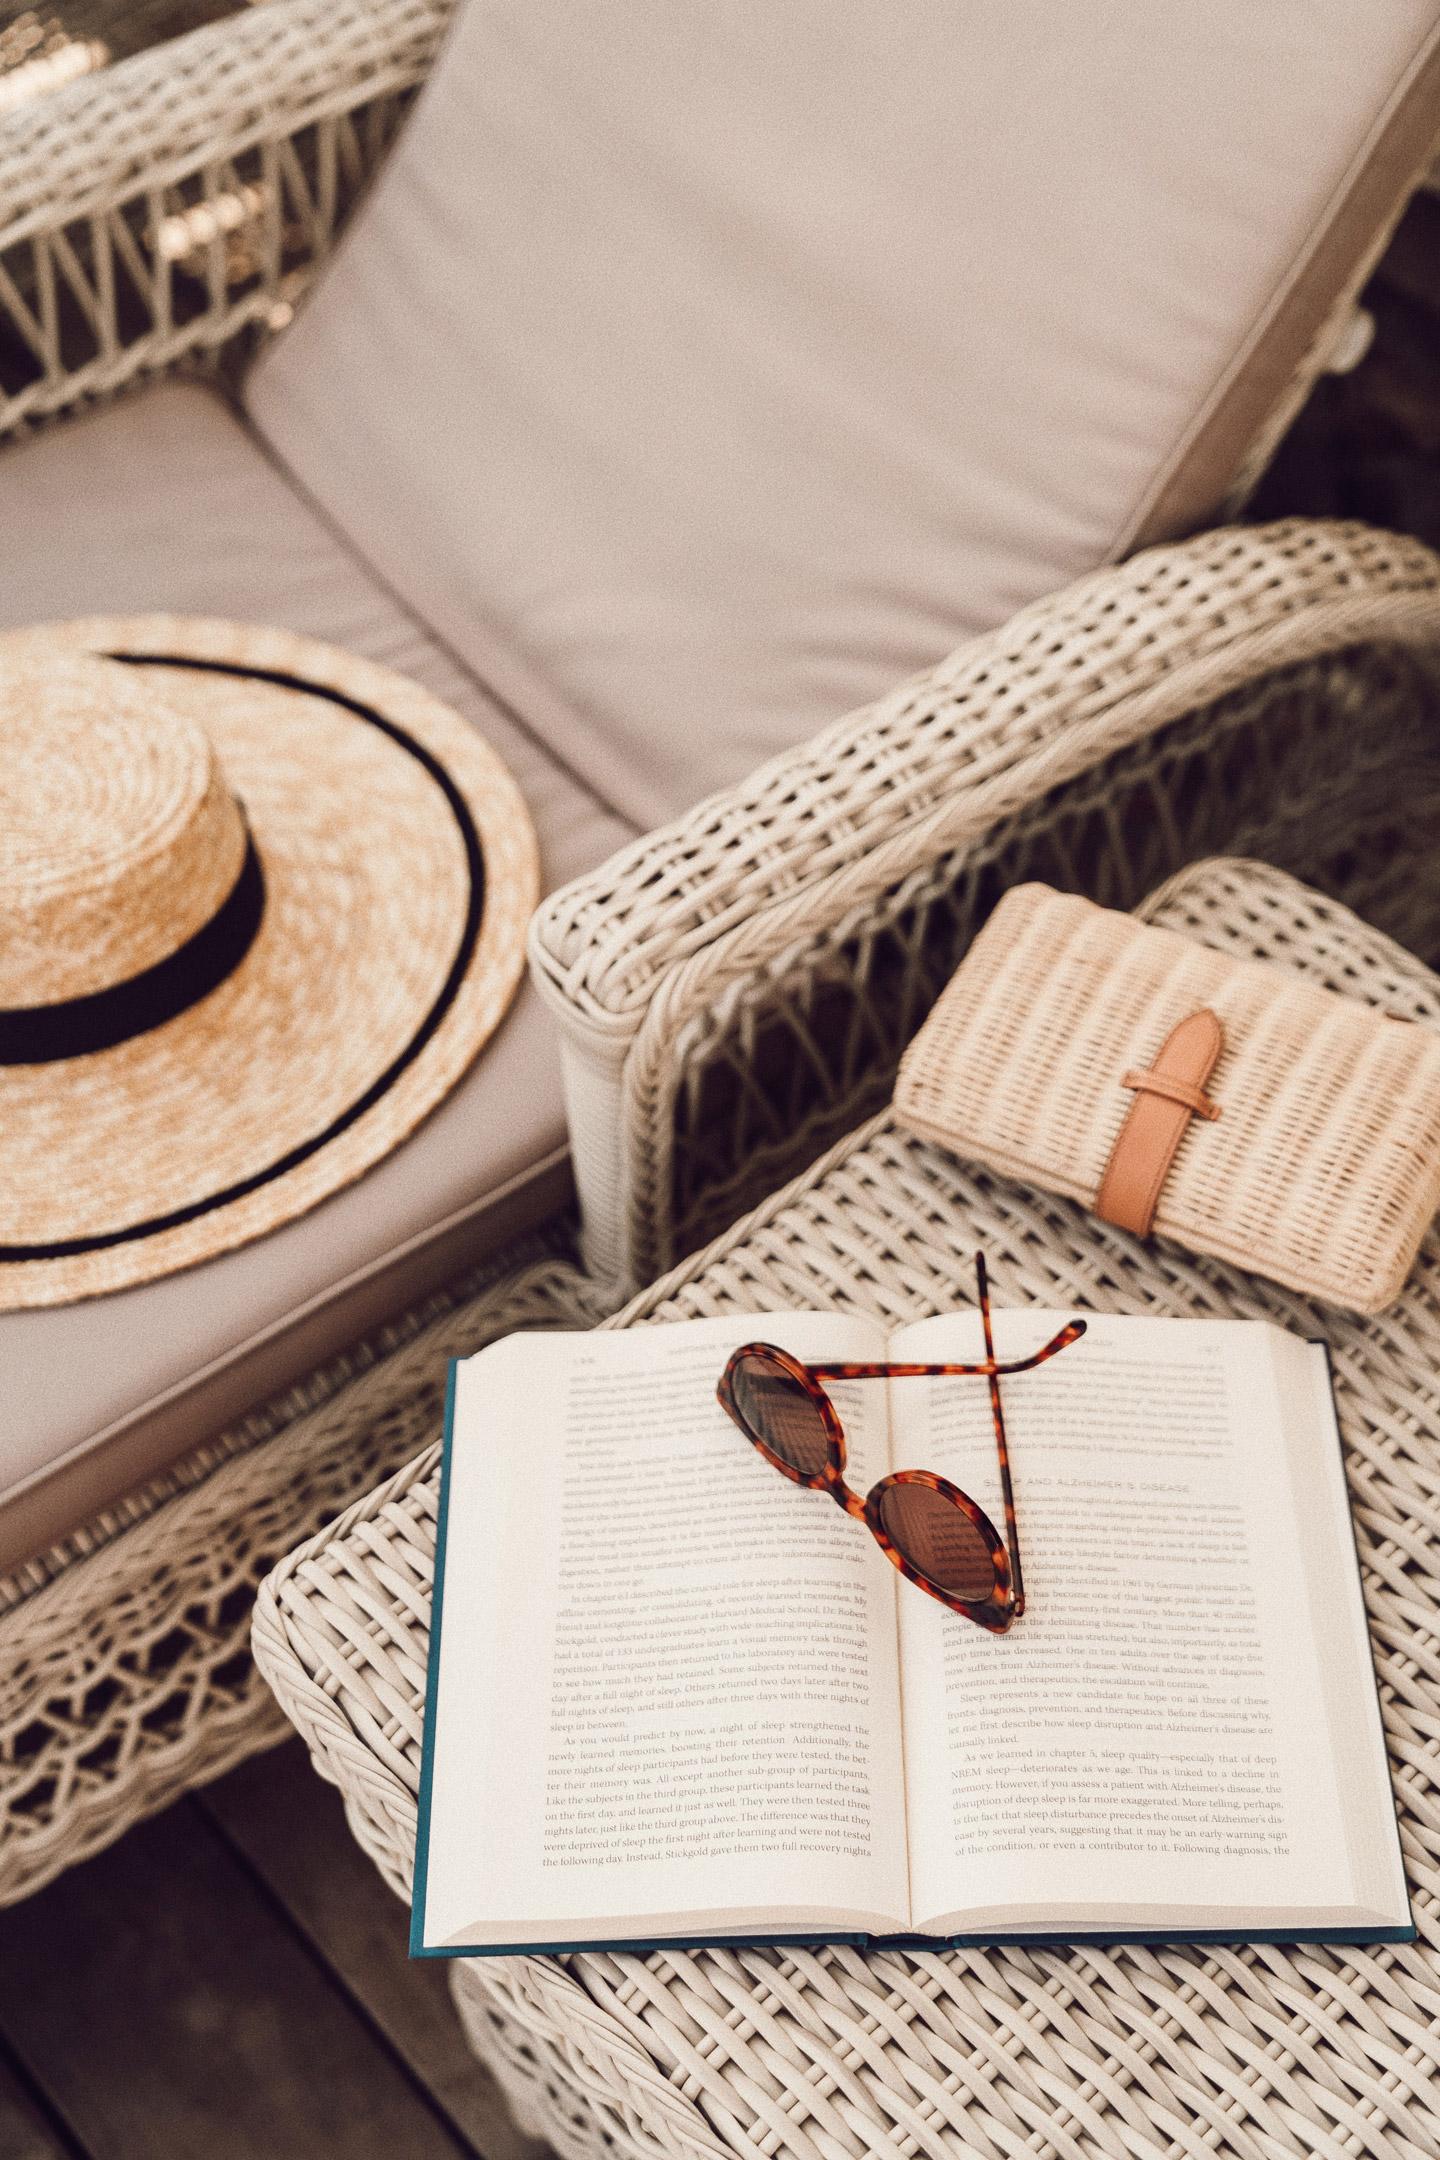 Article-livres-lire-ete4